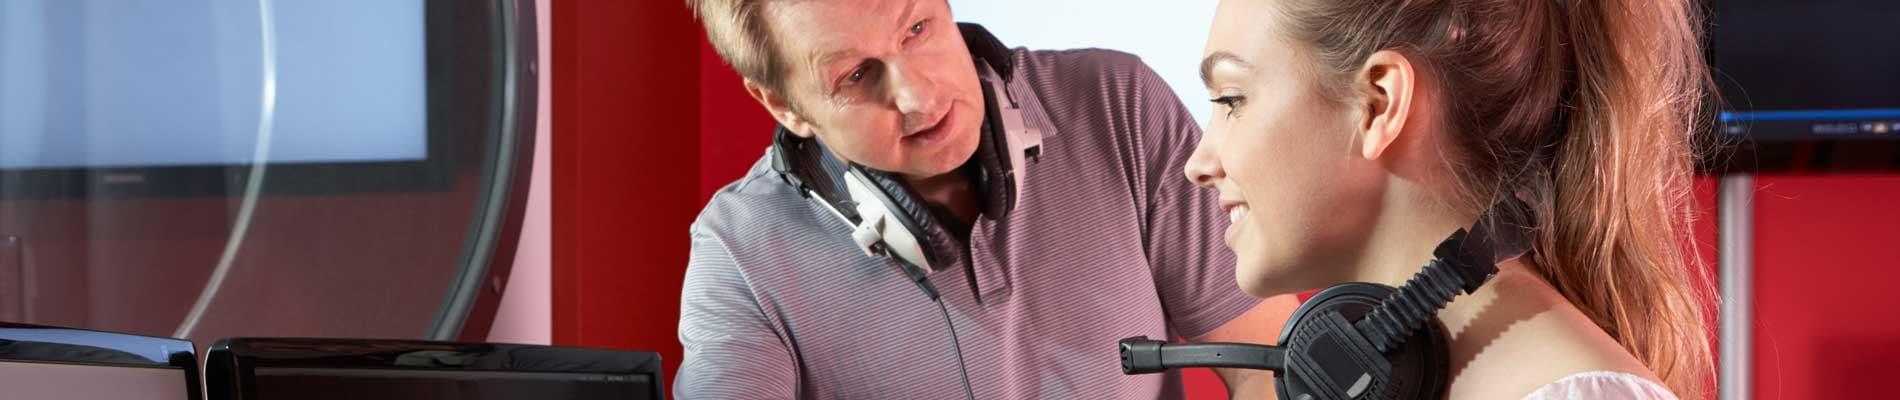 Realización y producción de audiovisuales, radio y espectáculos